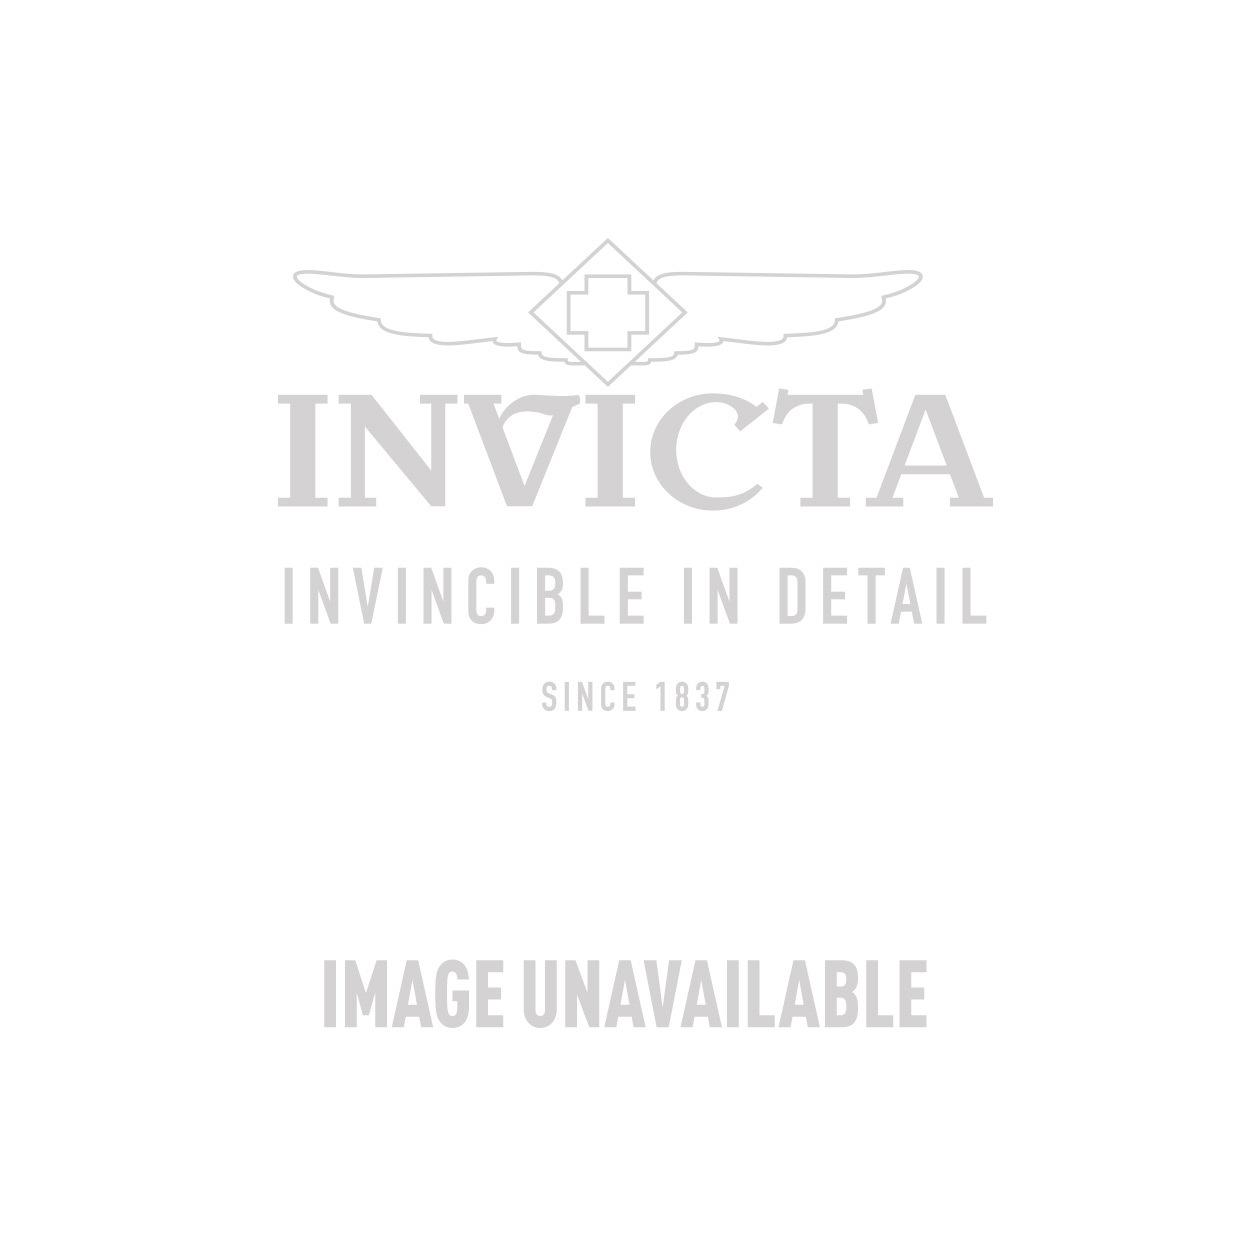 Invicta Model 25193